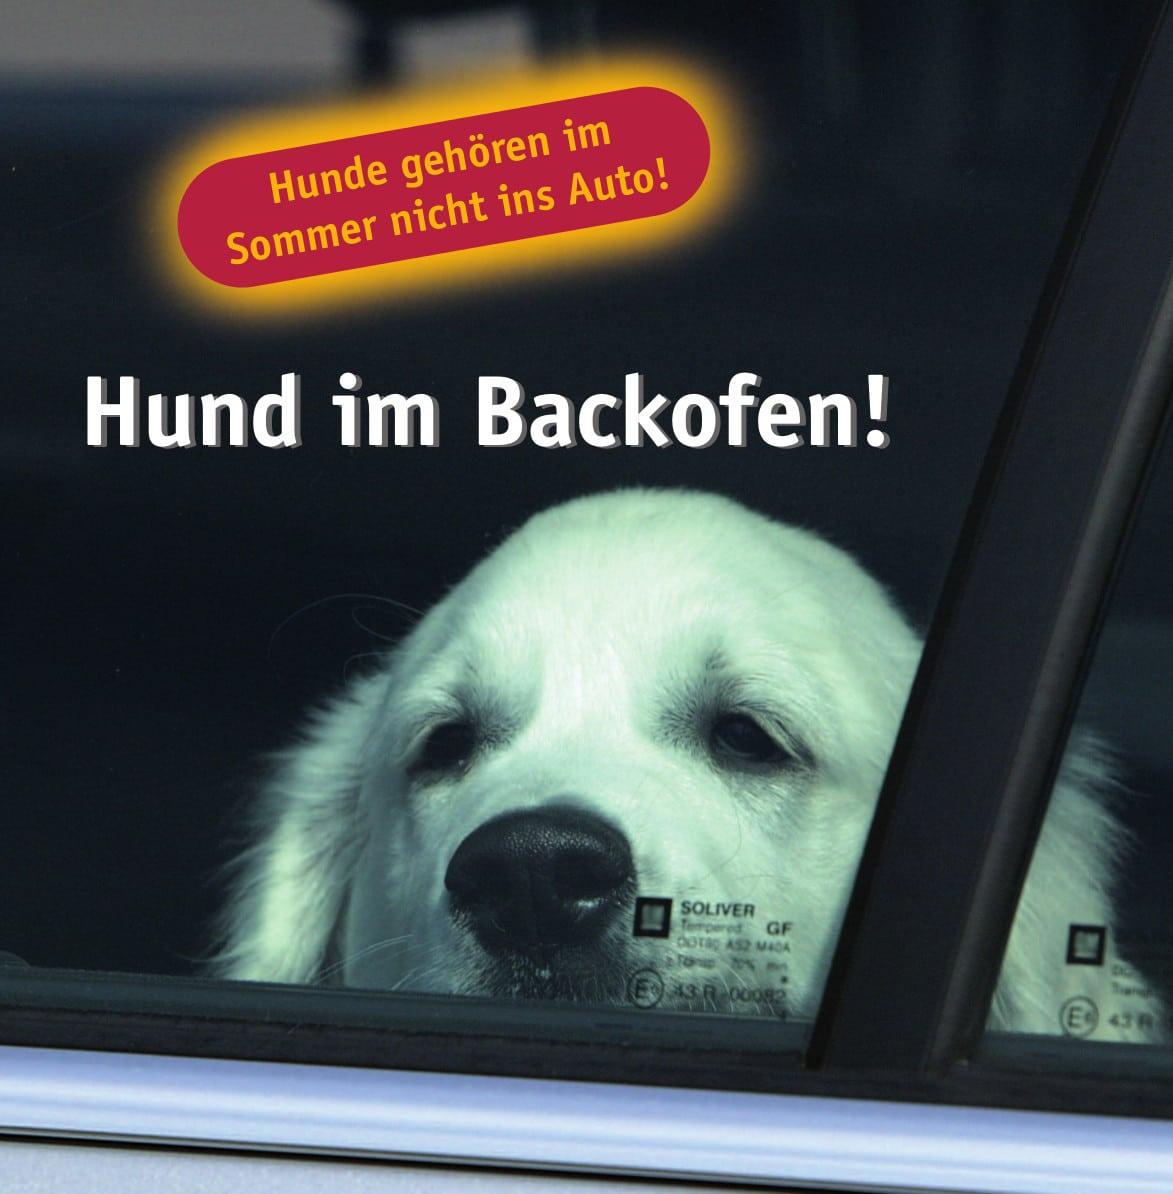 tasso plakat hund im backofen - Hundetabus